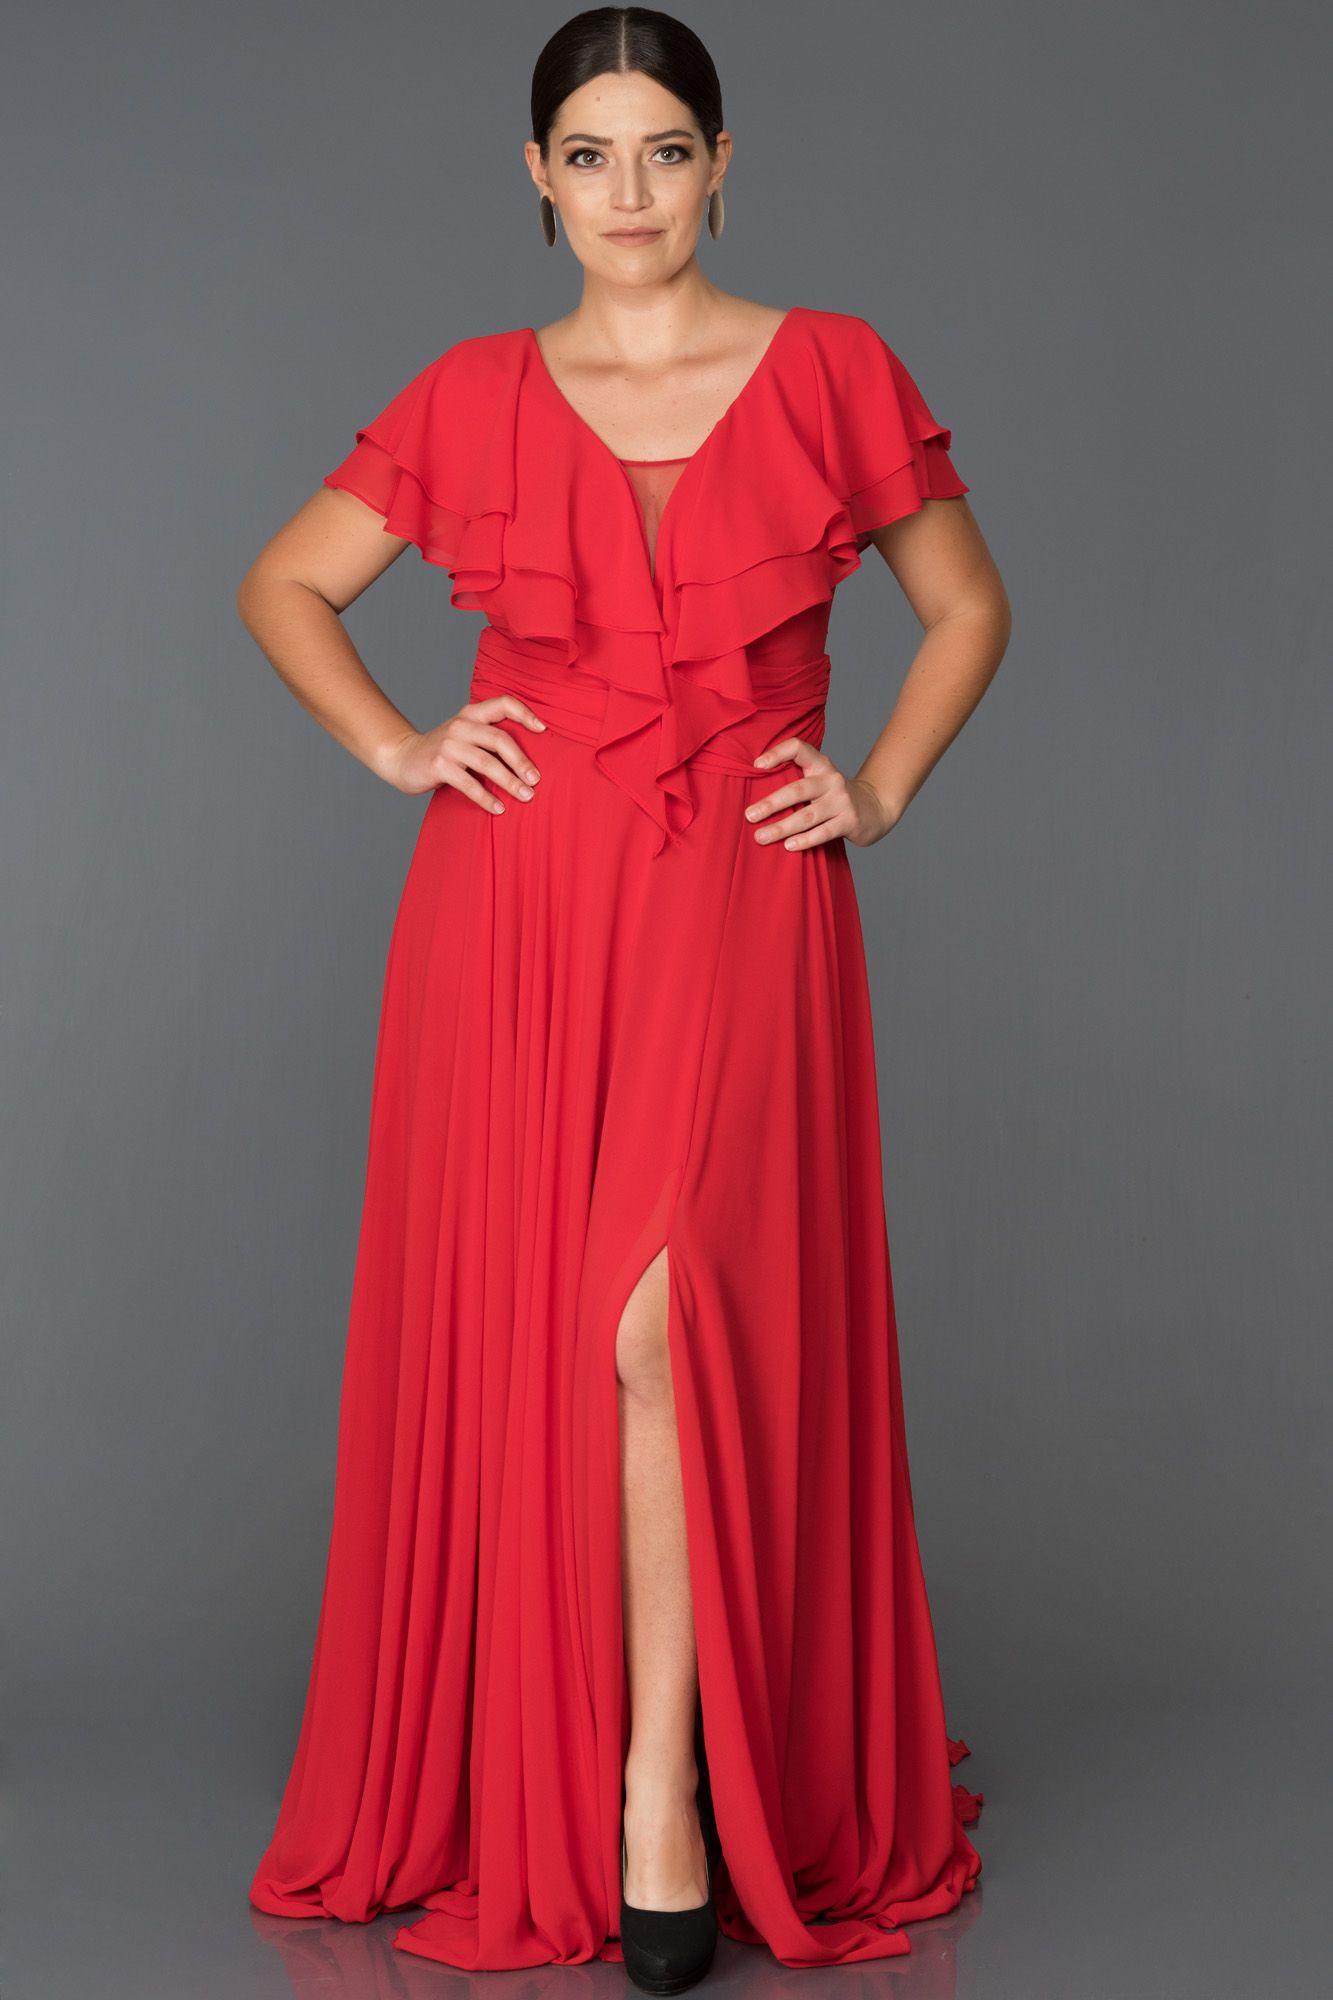 Ozel Tasarim Yirtmacli Abiye Ab7558 2018 Abiye Elbise Modelleri 2019 Moda Stilleri Elbiseler Ve Elbise Modelleri